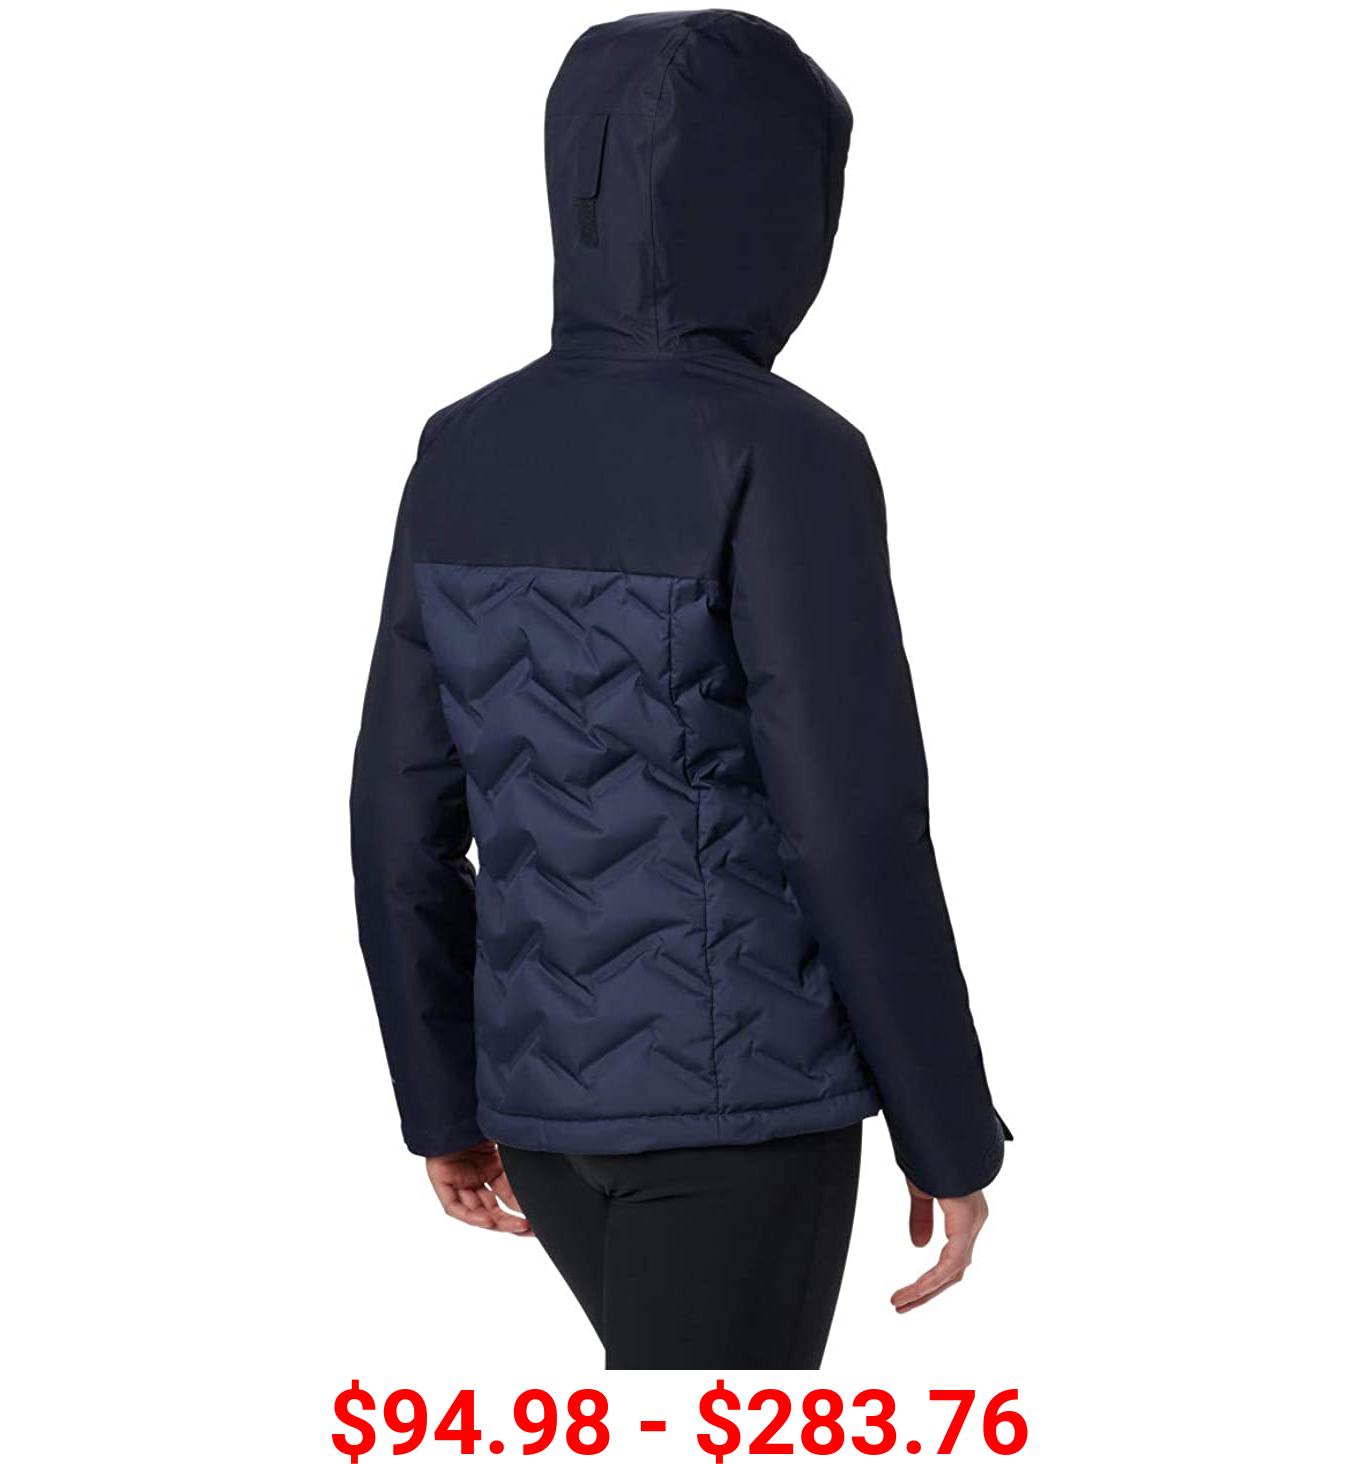 Columbia Women's Grand Trek Down Jacket, Waterproof & Breathable